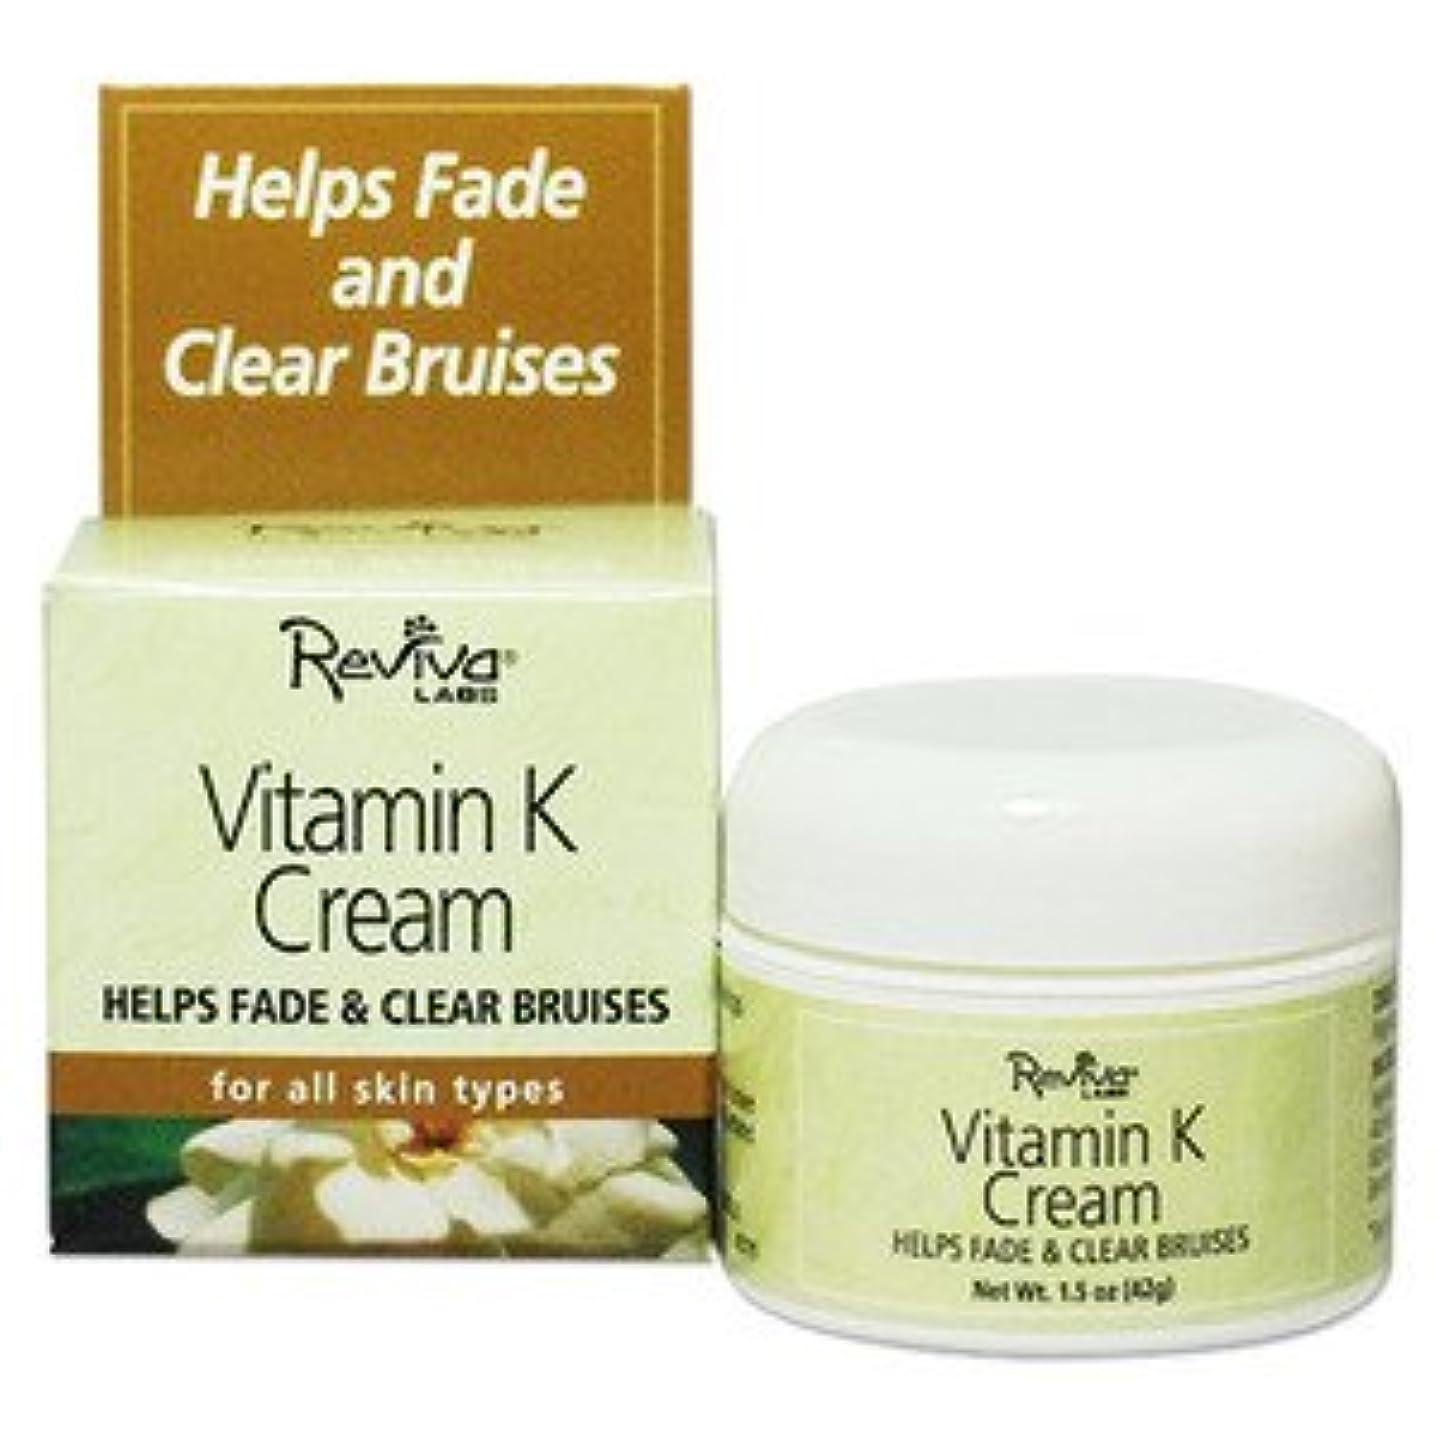 優遇主に永遠のReviva Labs レビバ社 Vitamin K Cream  (42 g)  ビタミンK クリーム 海外直送品